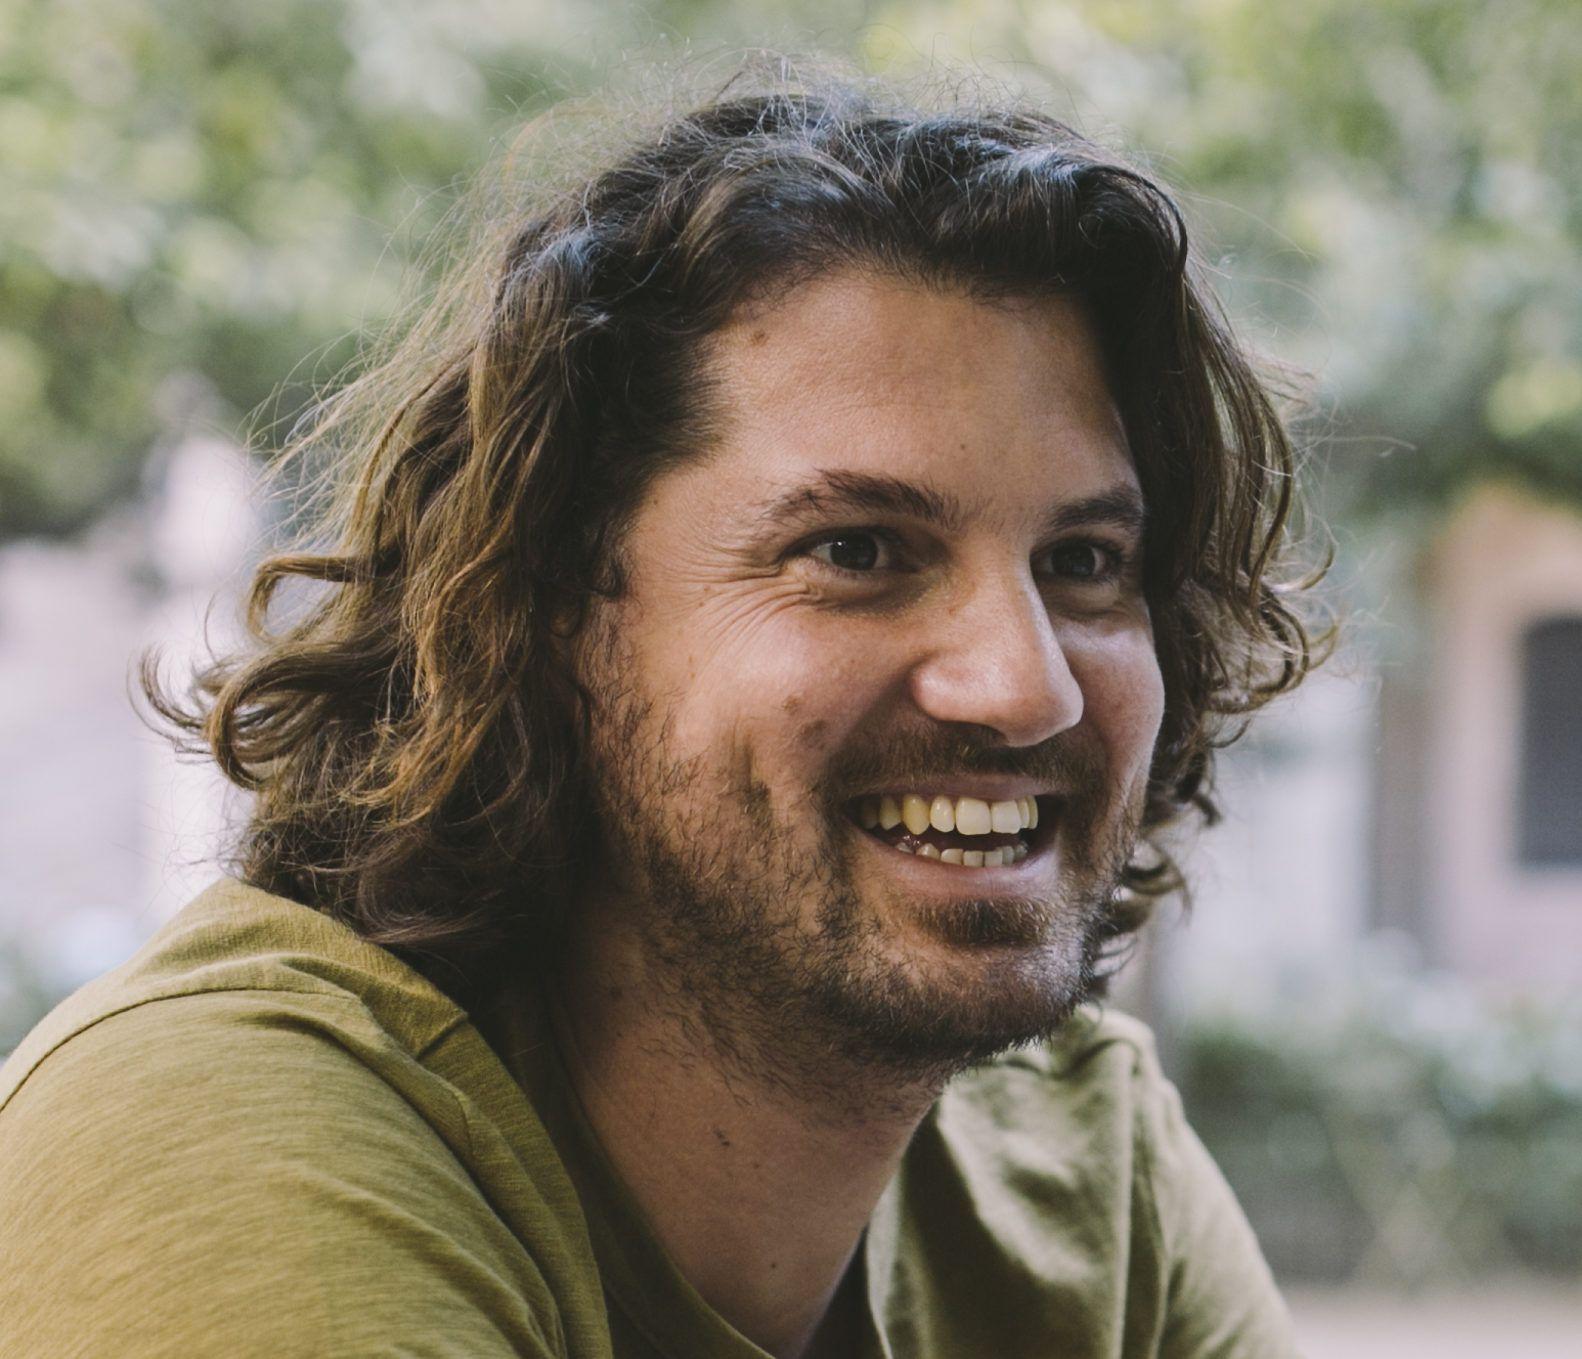 Daniel Ramirez-Escudero